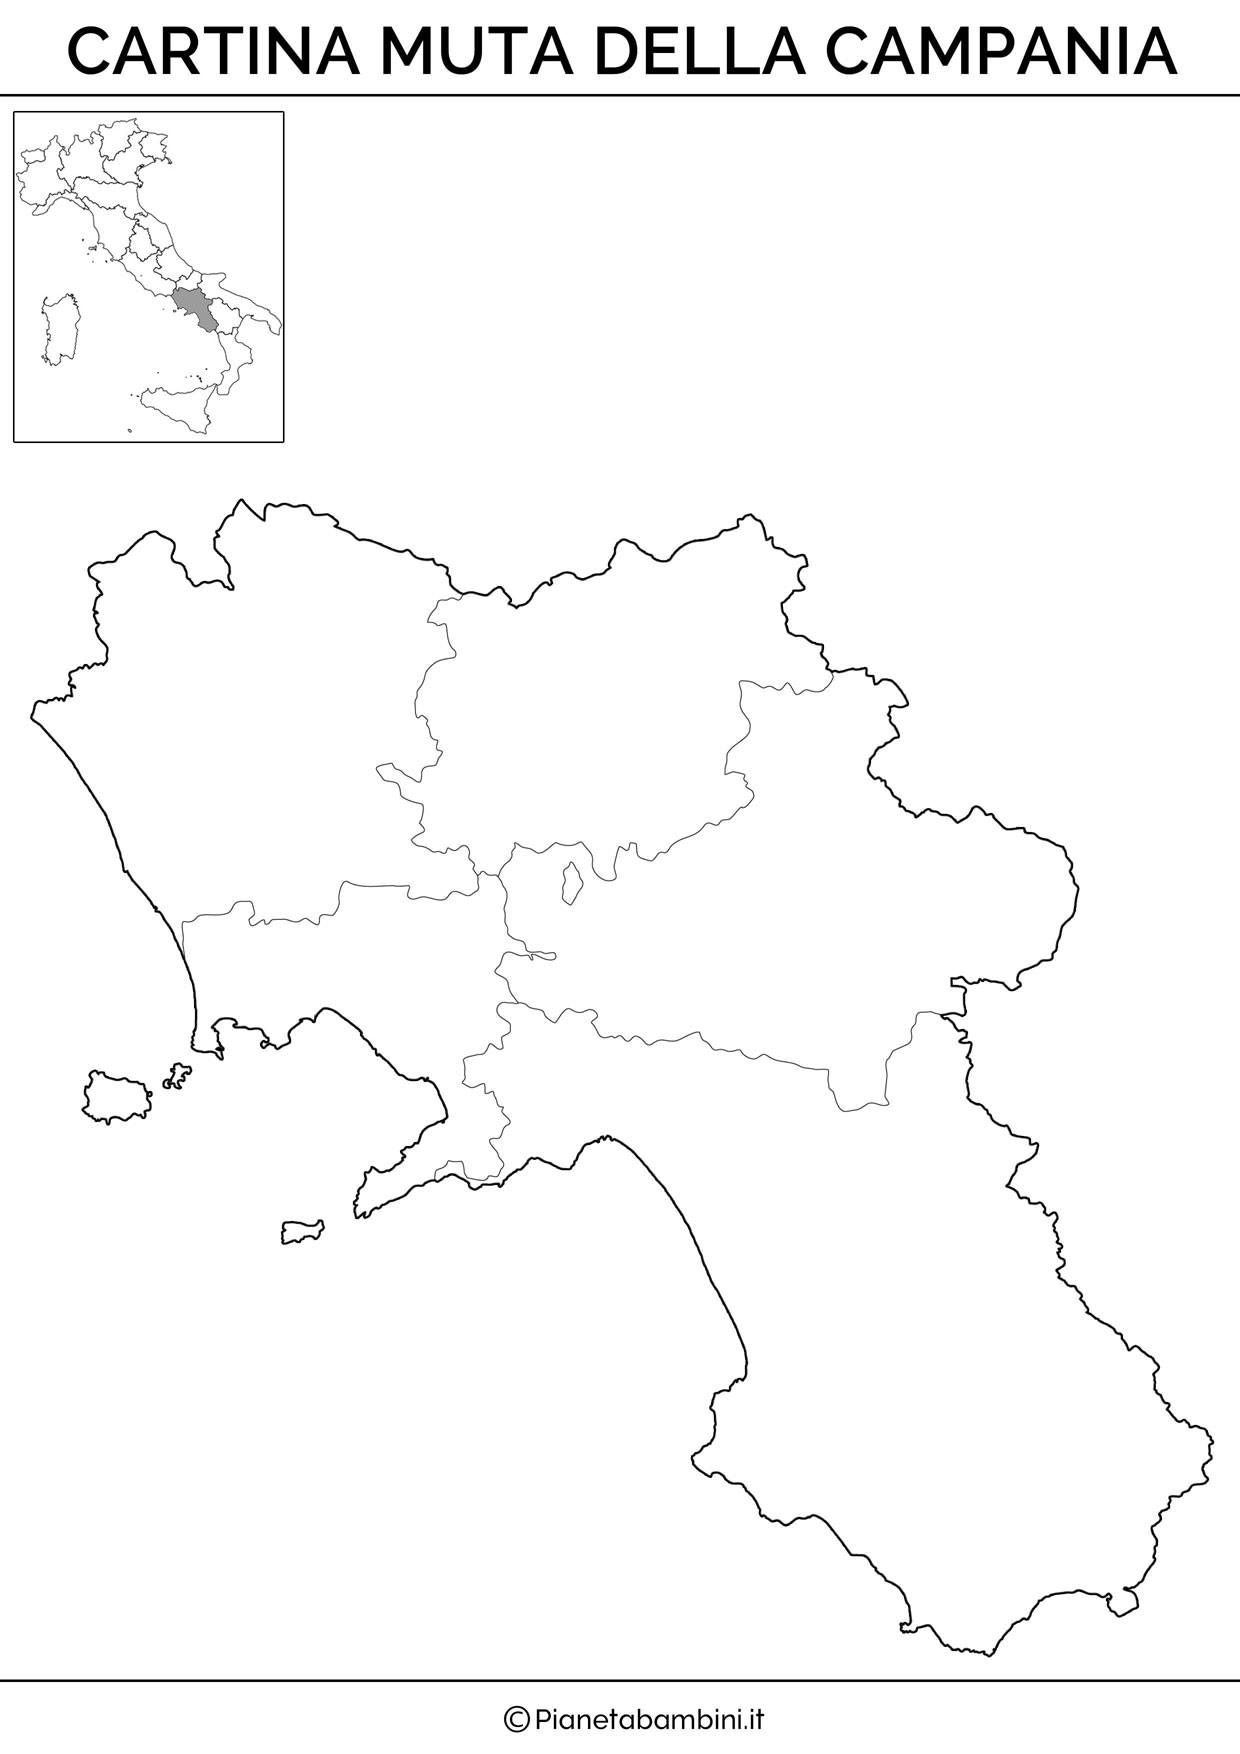 Cartina Muta Campania Pieterduisenberg